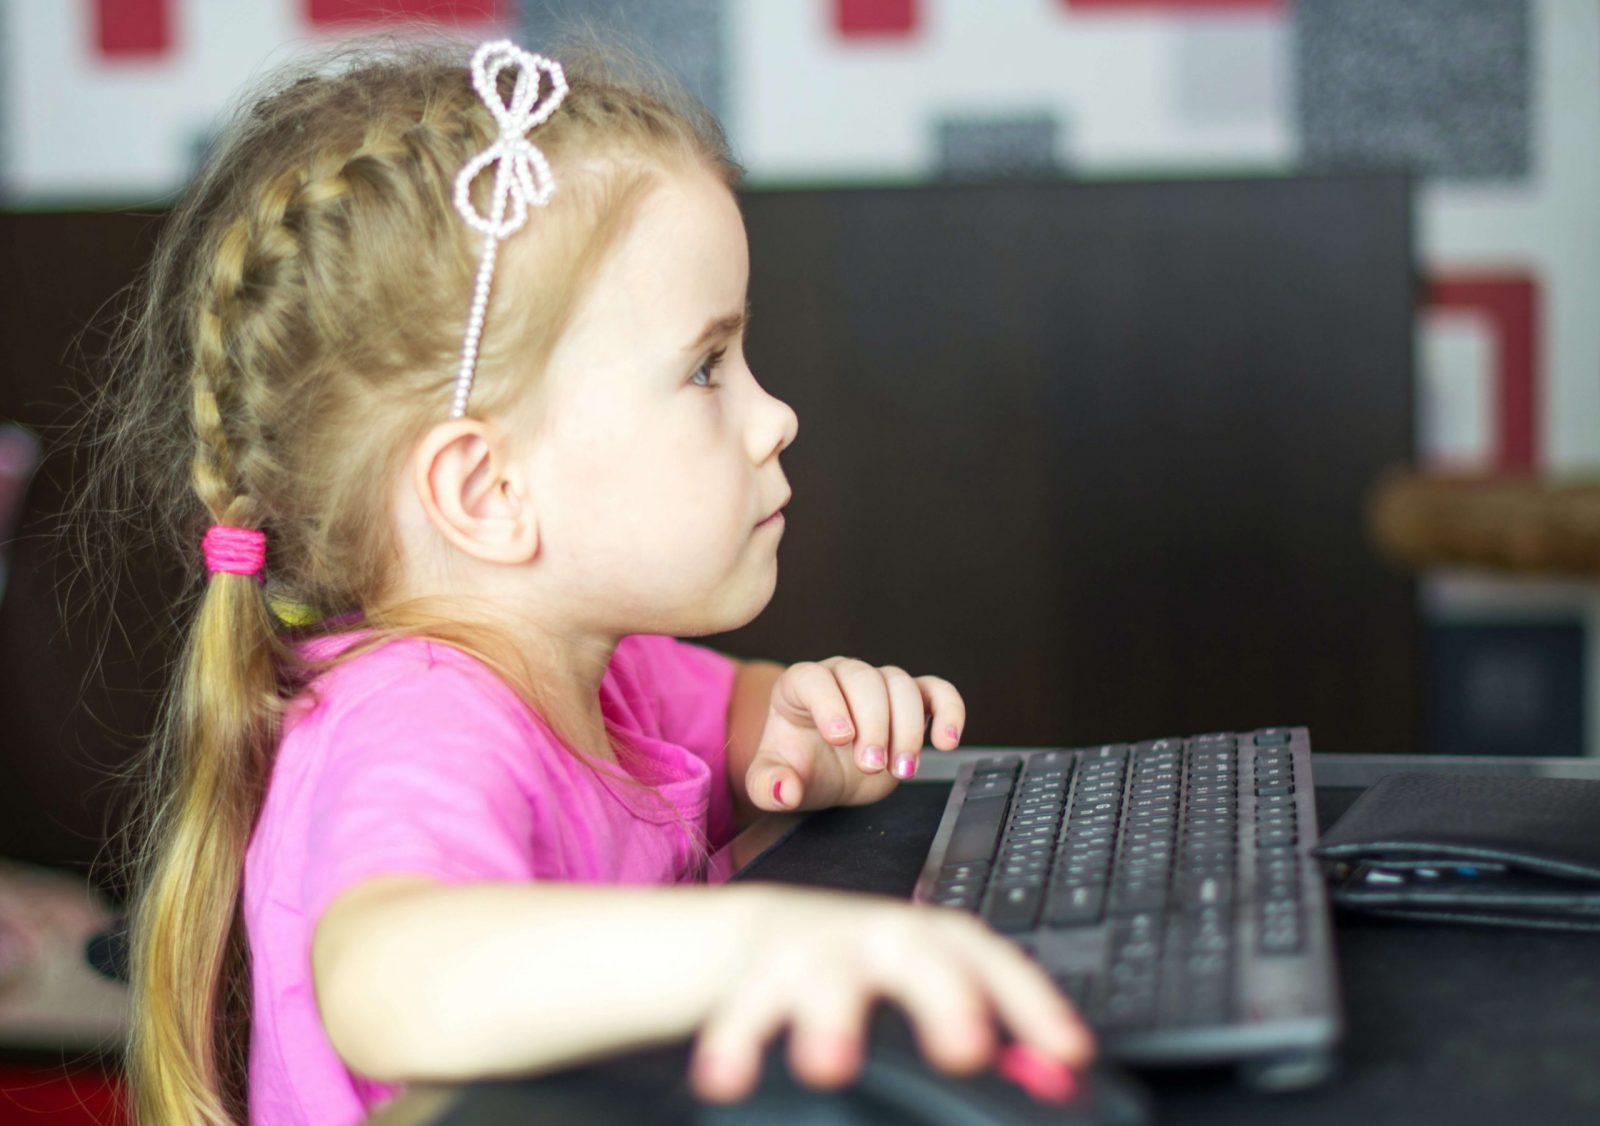 плюсы и минусы обучения через интернет